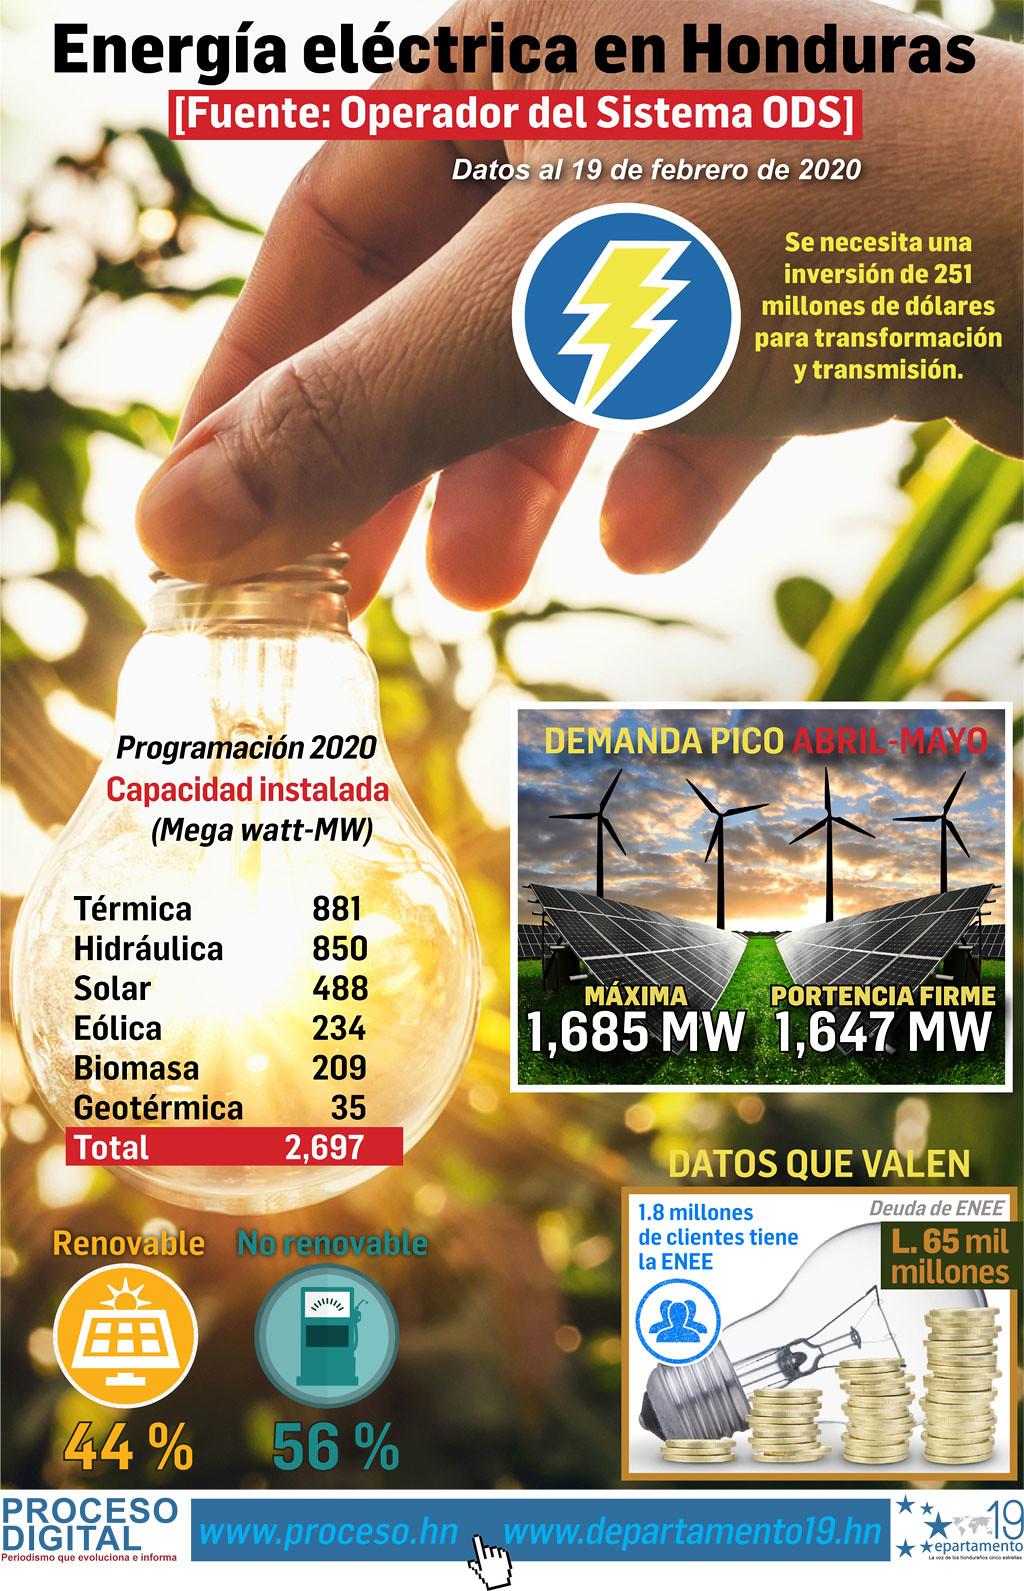 Energía eléctrica de Honduras